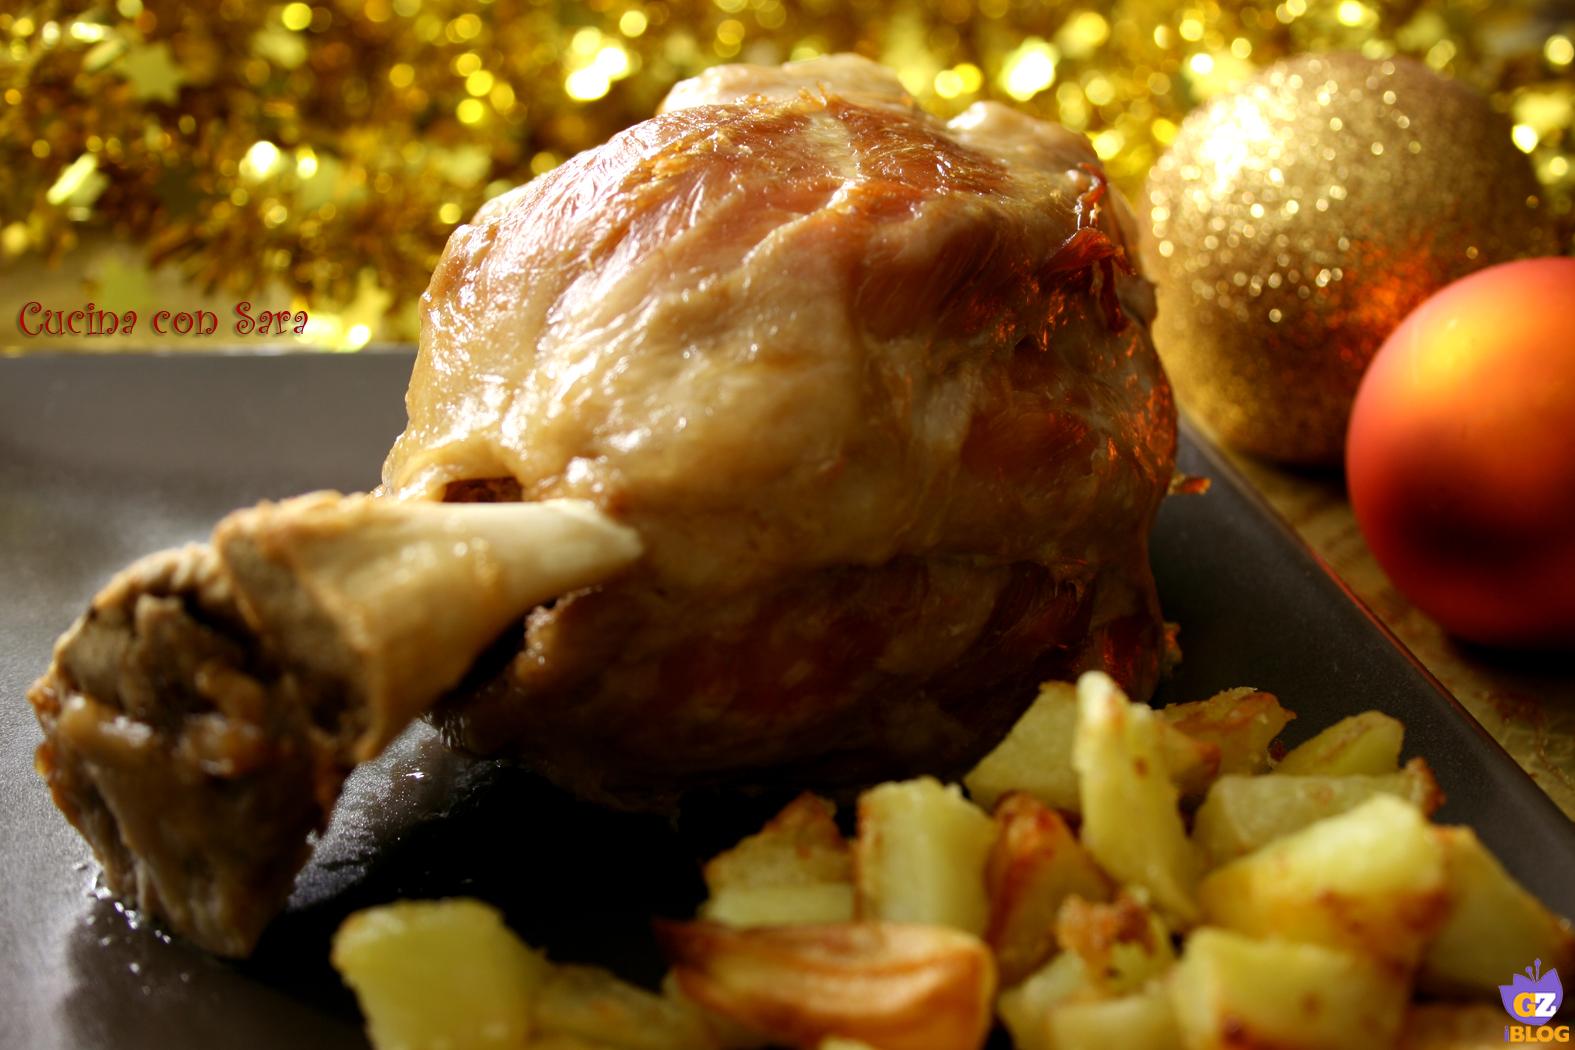 Stinco di prosciutto con patate al forno, cucina con sara